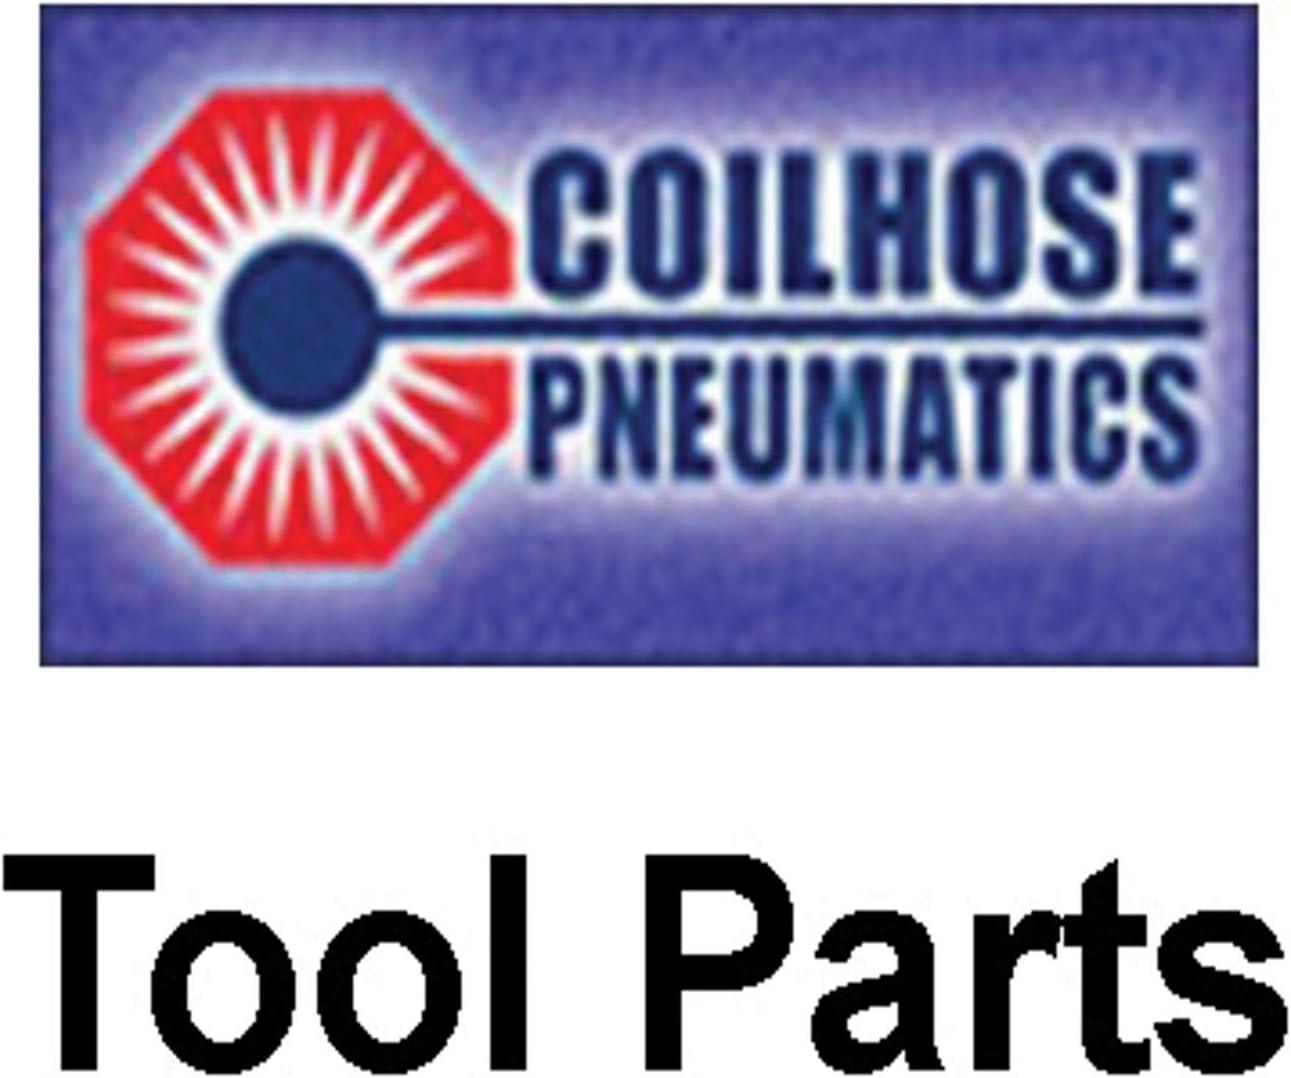 FACTORY NEW! COILHOSE PNEUMATICS PRE38-104B-TR